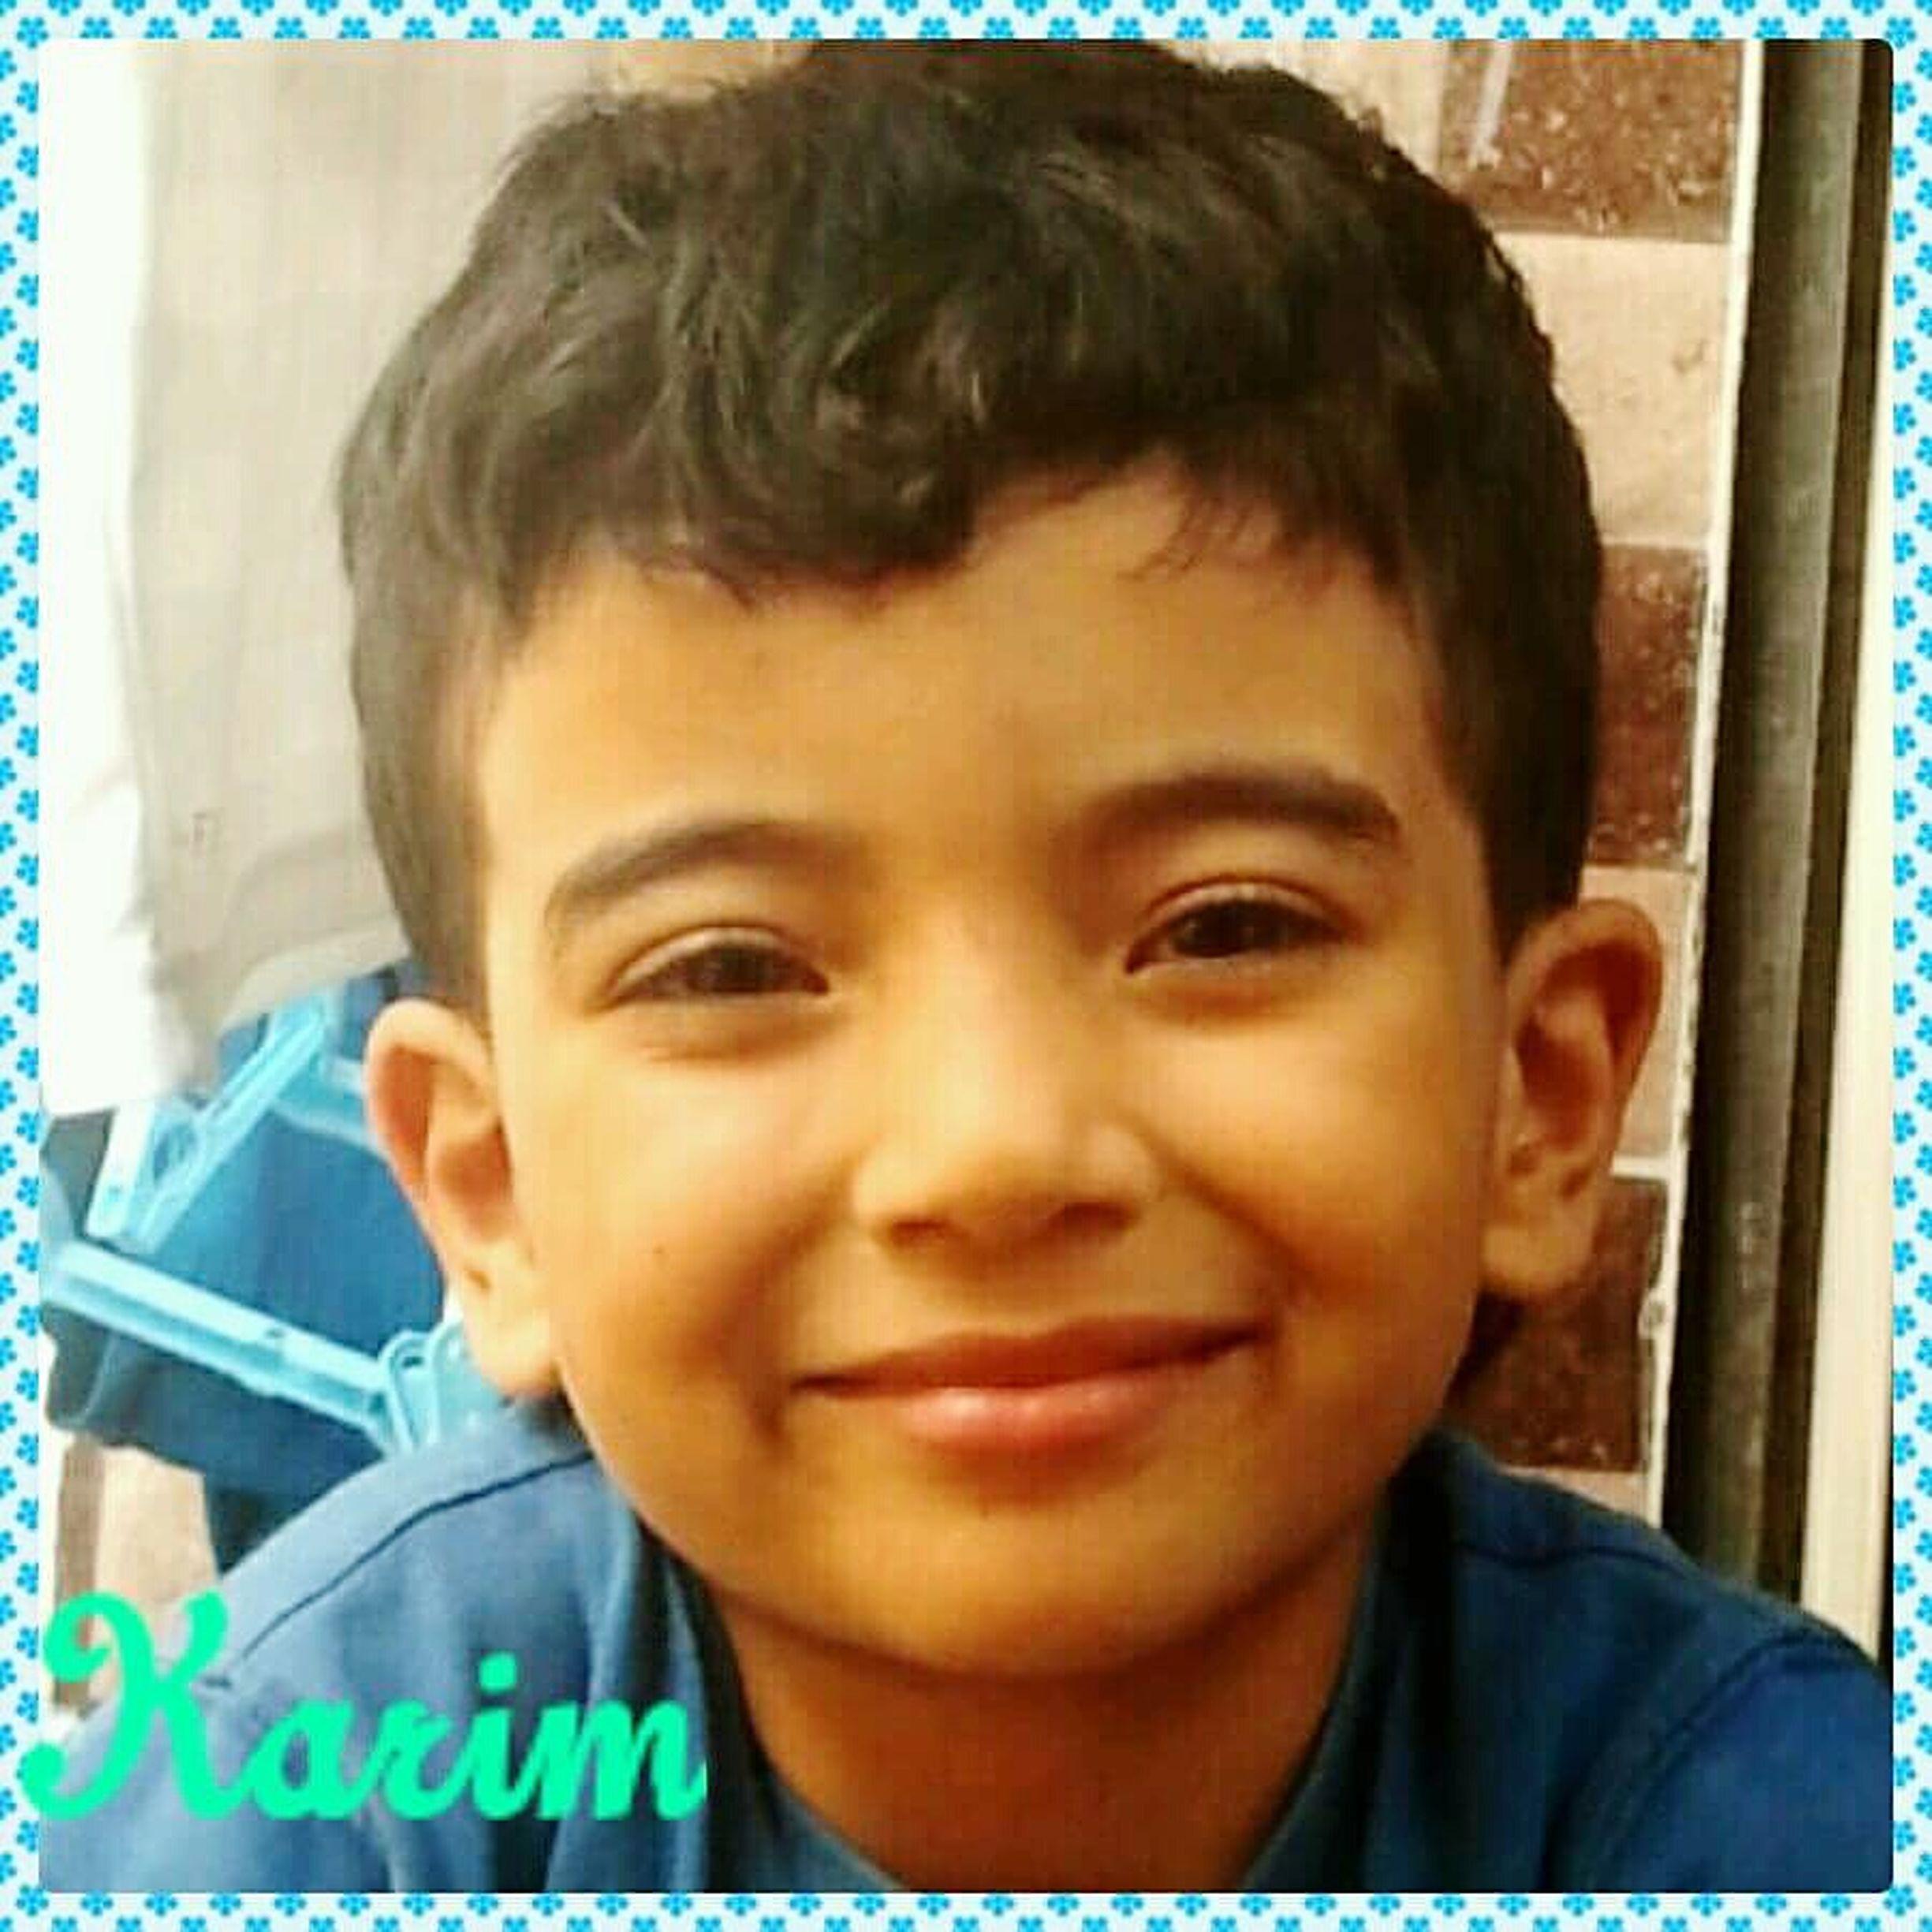 Khoya karim ^^Mahmoud^^